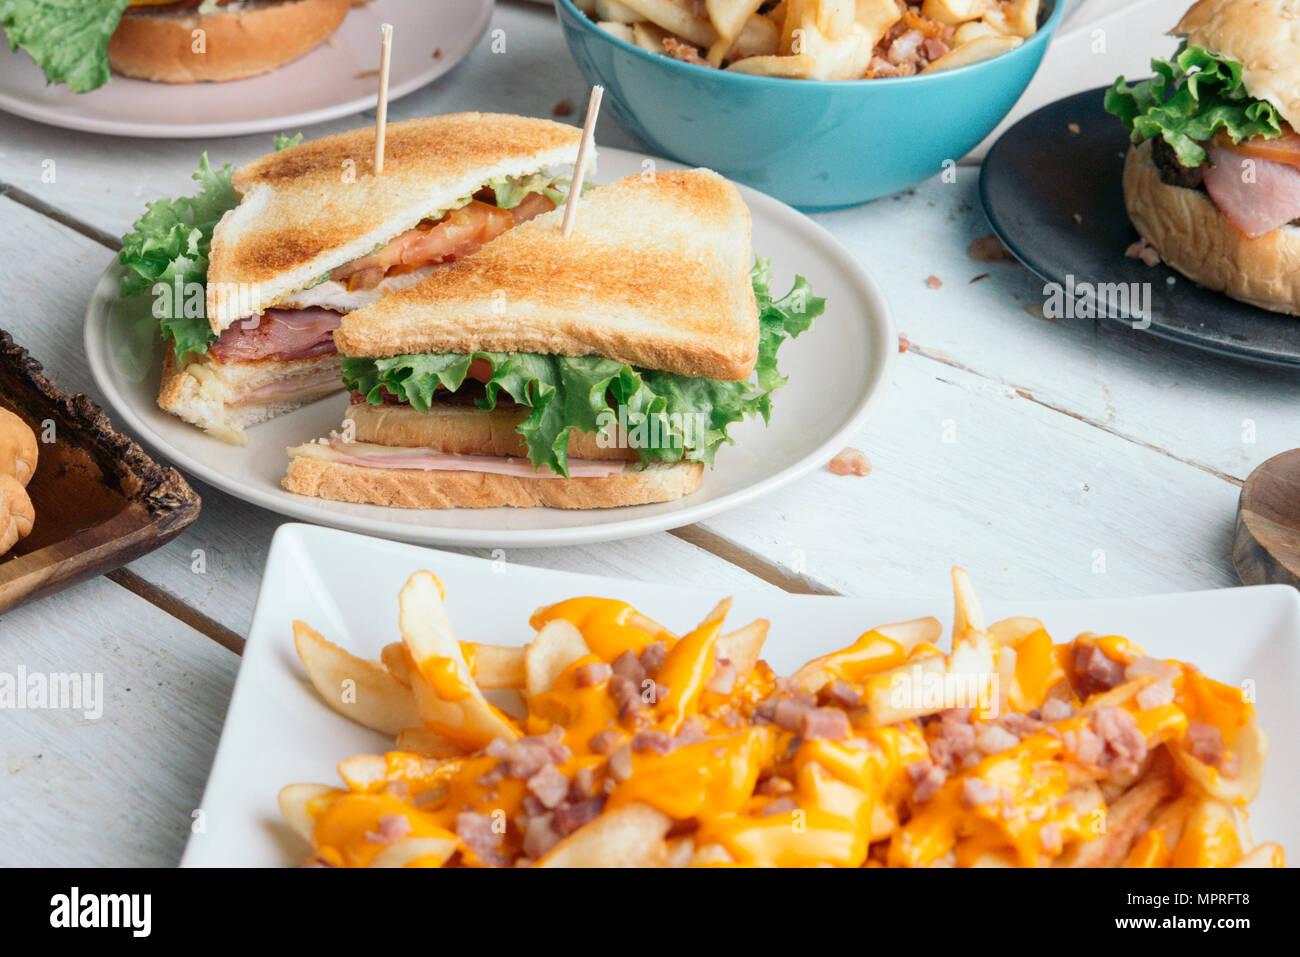 Tavolo pieno di cibo americano Immagini Stock